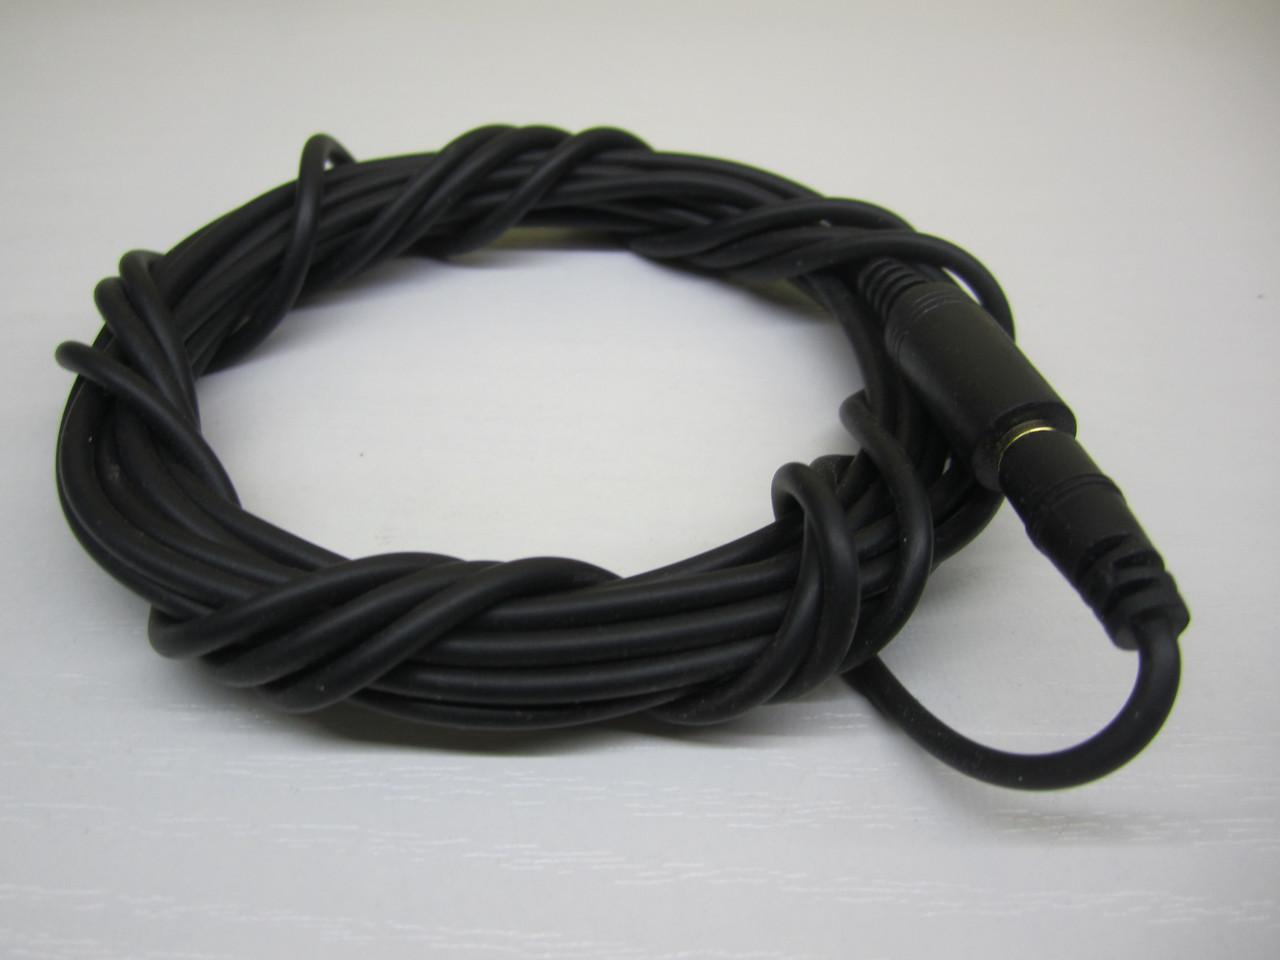 Кабель удлинитель mini jack 3.5мм 3.0м черный (тонкий силикон)